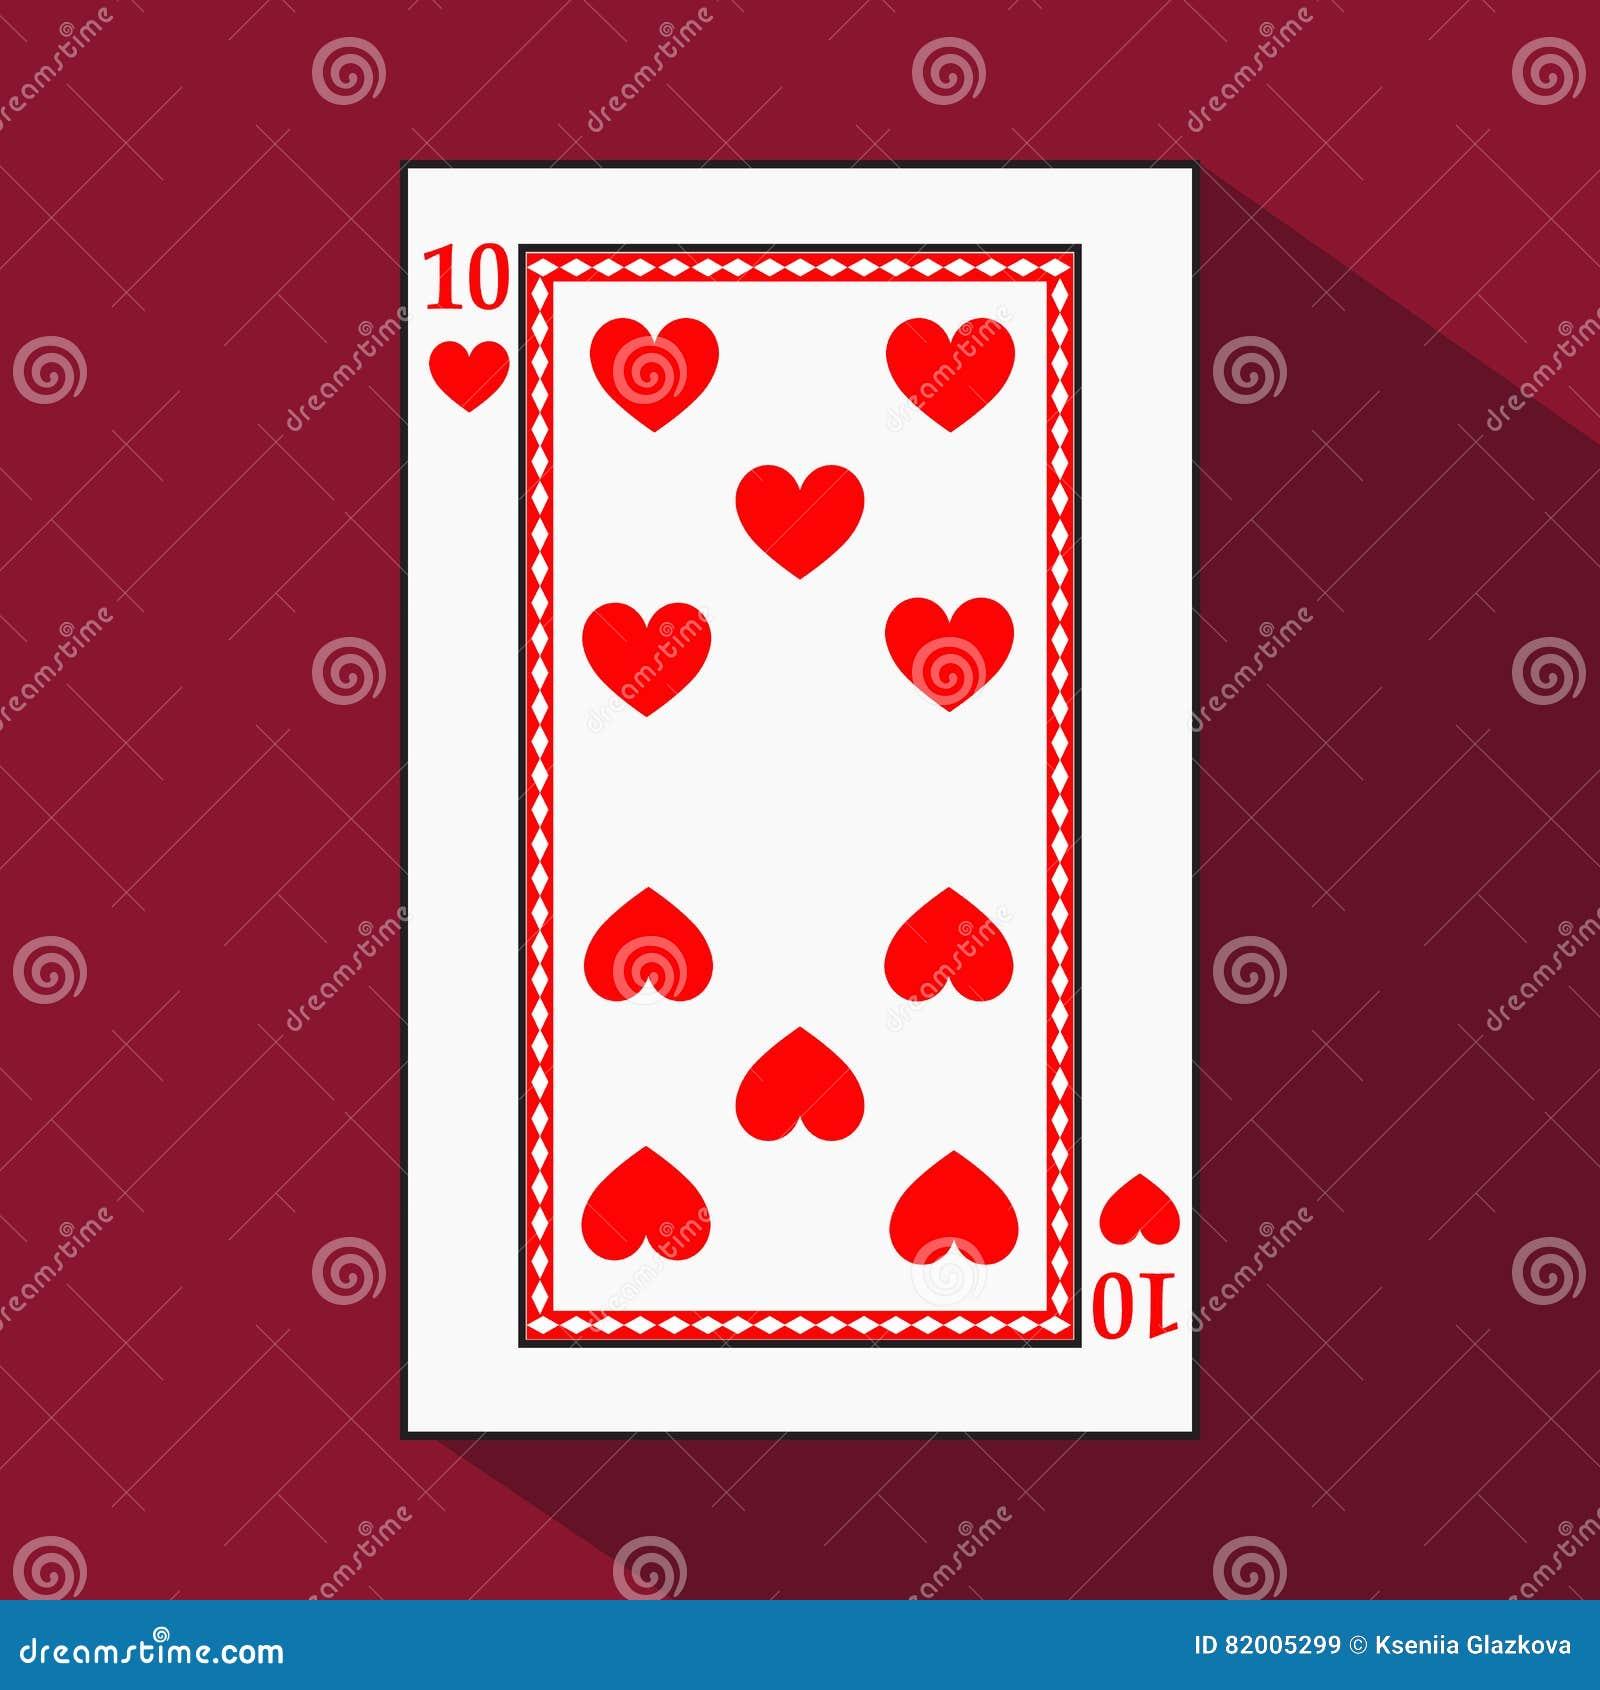 Κάρτα παιχνιδιού η εικόνα εικονιδίων είναι εύκολη ΚΑΡΔΙΑ Δέκα 10 με το λευκό ένα υπόστρωμα βάσης Απεικόνιση στο κόκκινο υπόβαθρο